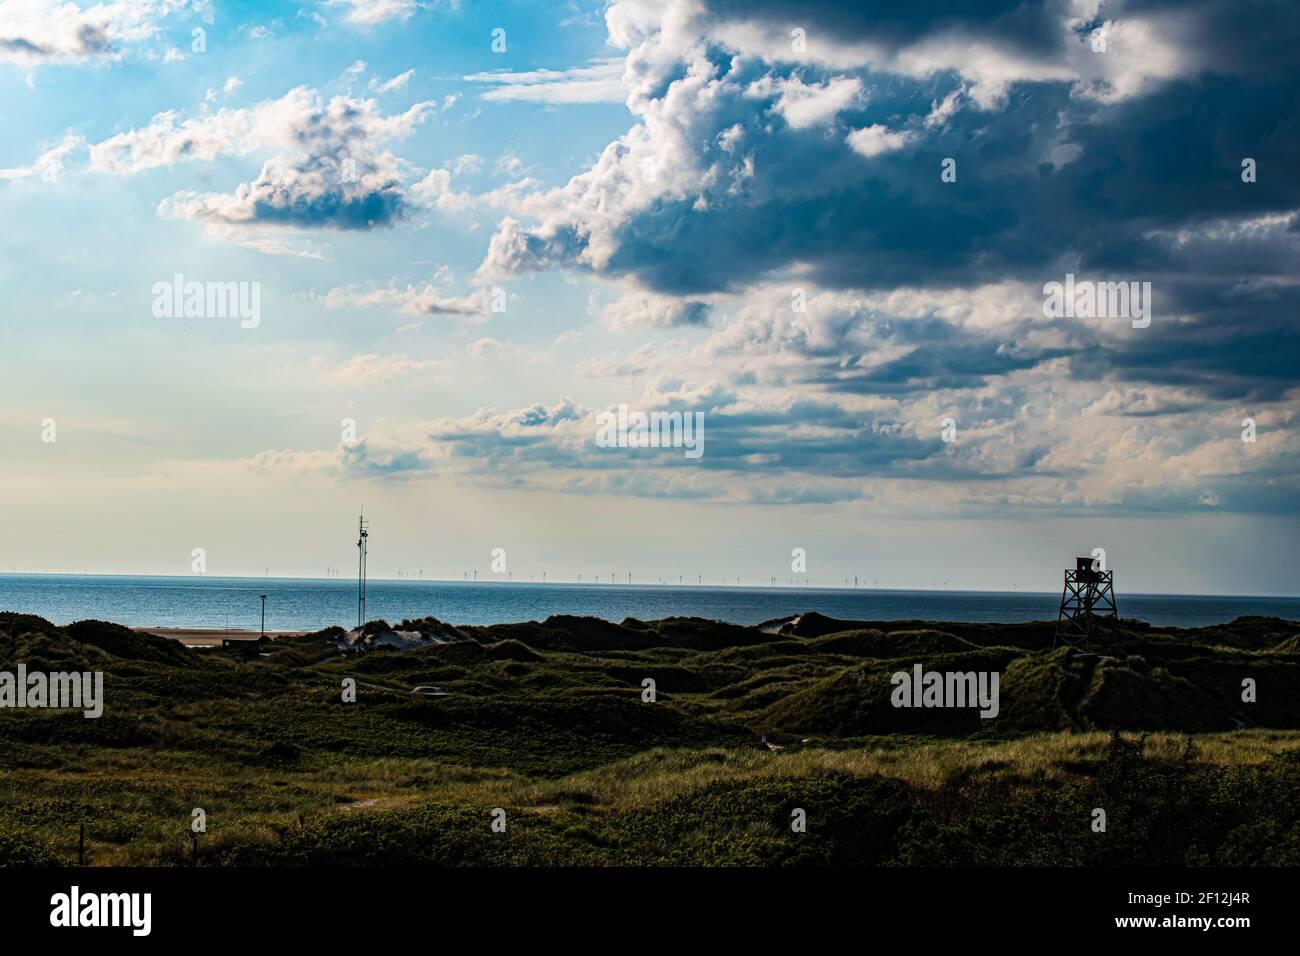 Dunas de arena de la playa de Blavand en Dinamarca con torre de vigilancia Foto de stock